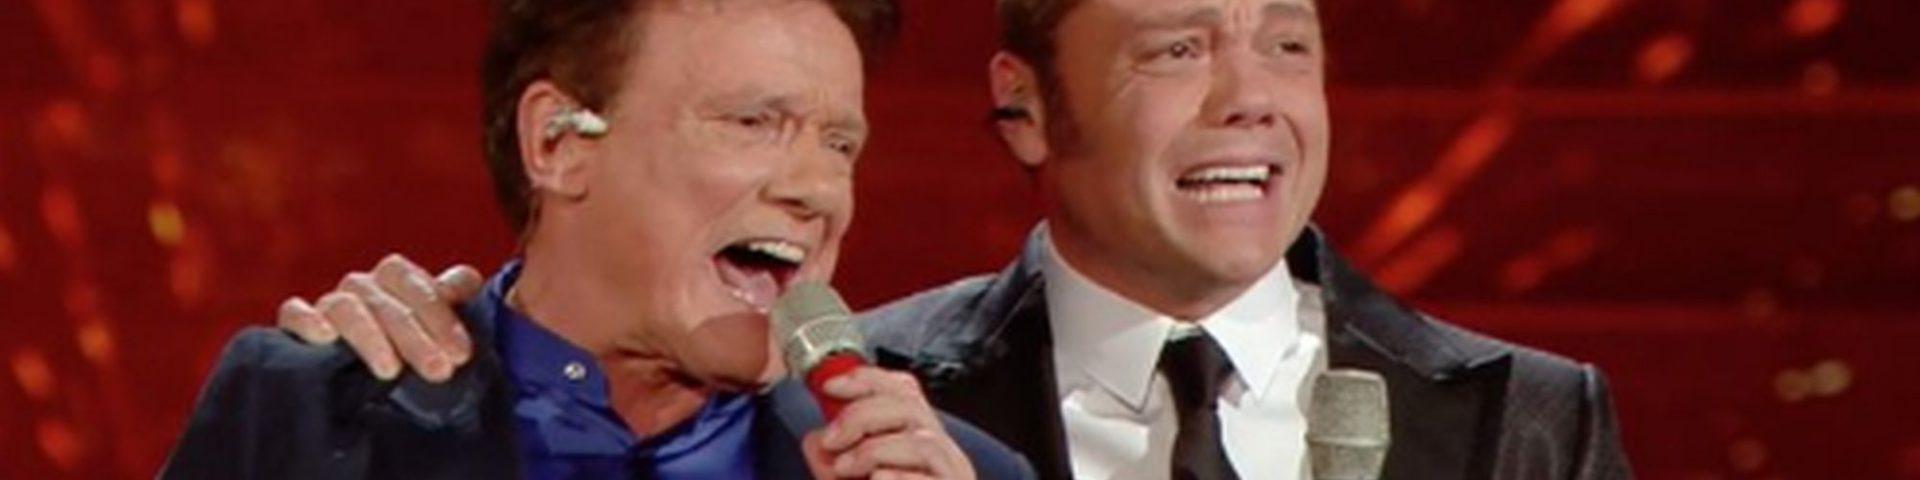 """Massimo Ranieri e Tiziano Ferro cantano """"Perdere l'amore"""" a Sanremo 2020 (Video)"""